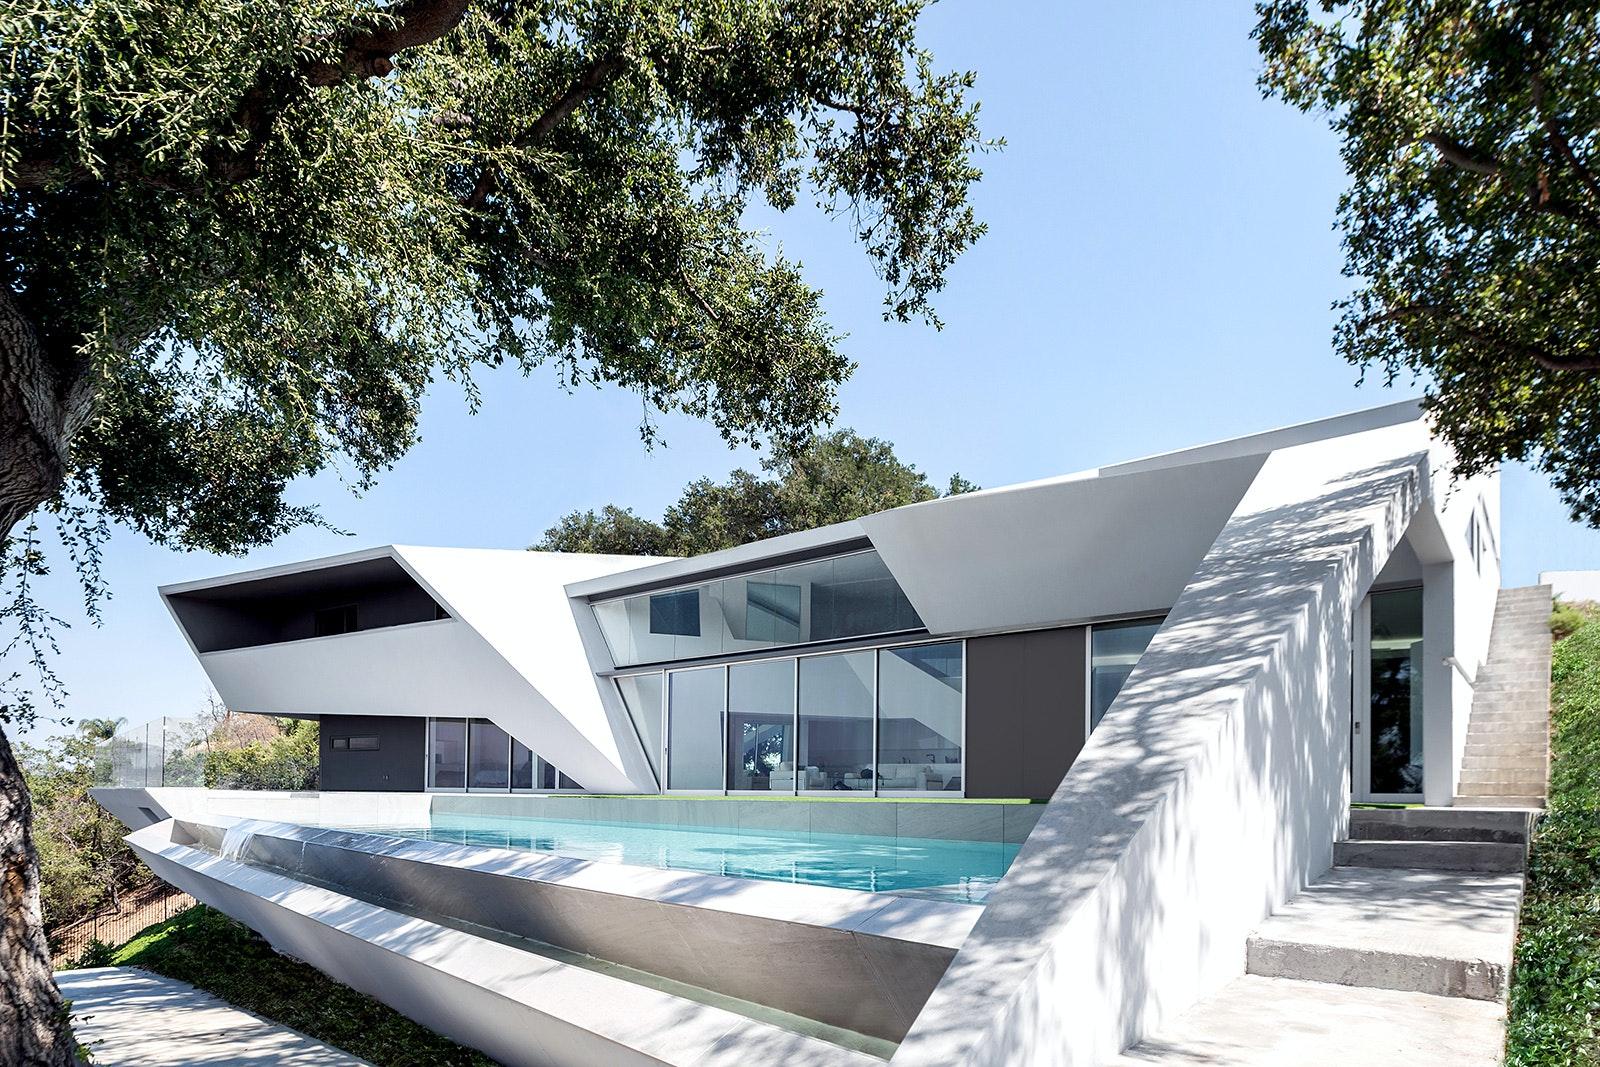 MU77 u2013 Mulholland residence with Arshia Architects